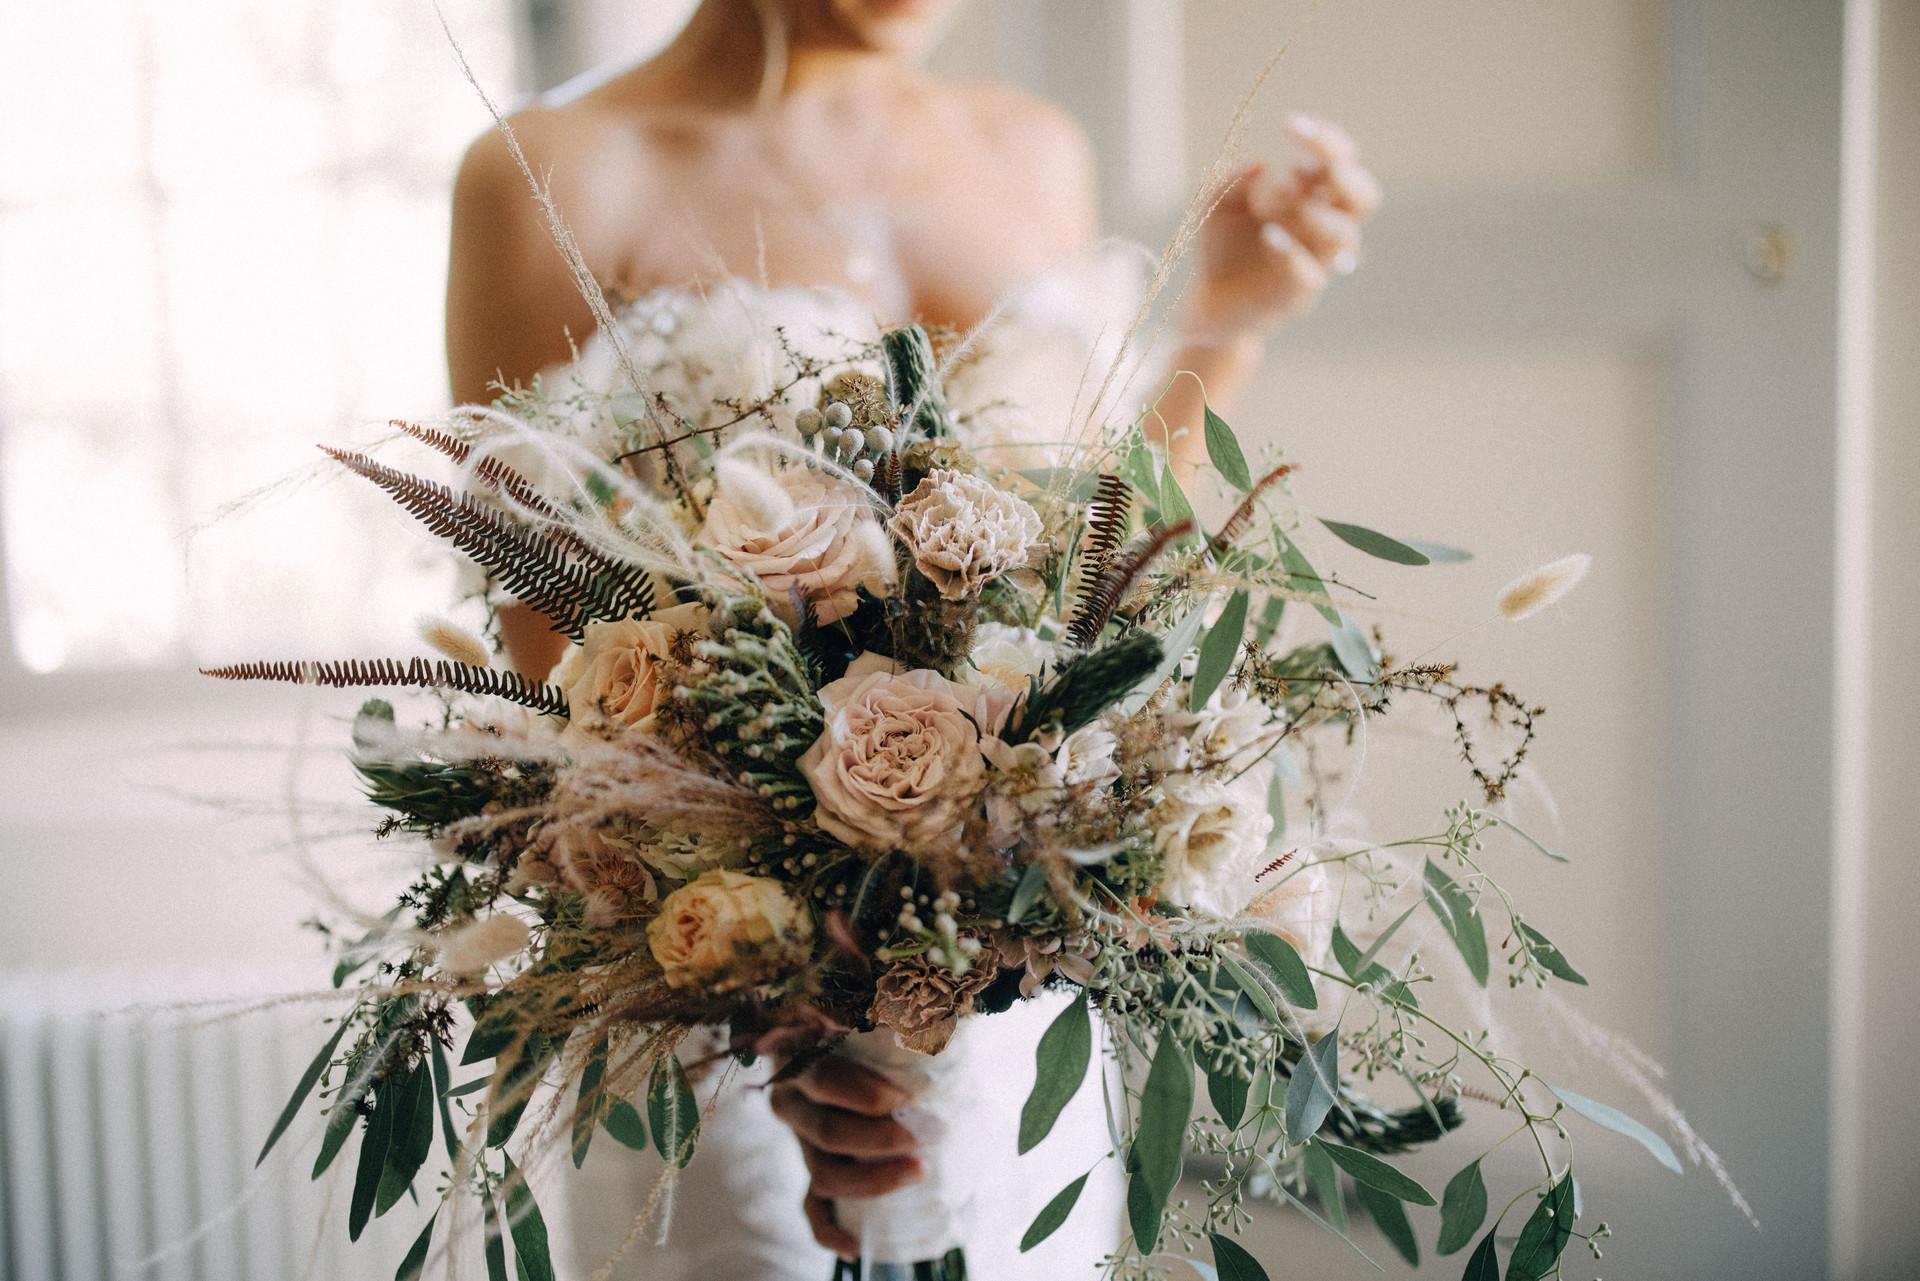 wedding-46 Kopie.jpg